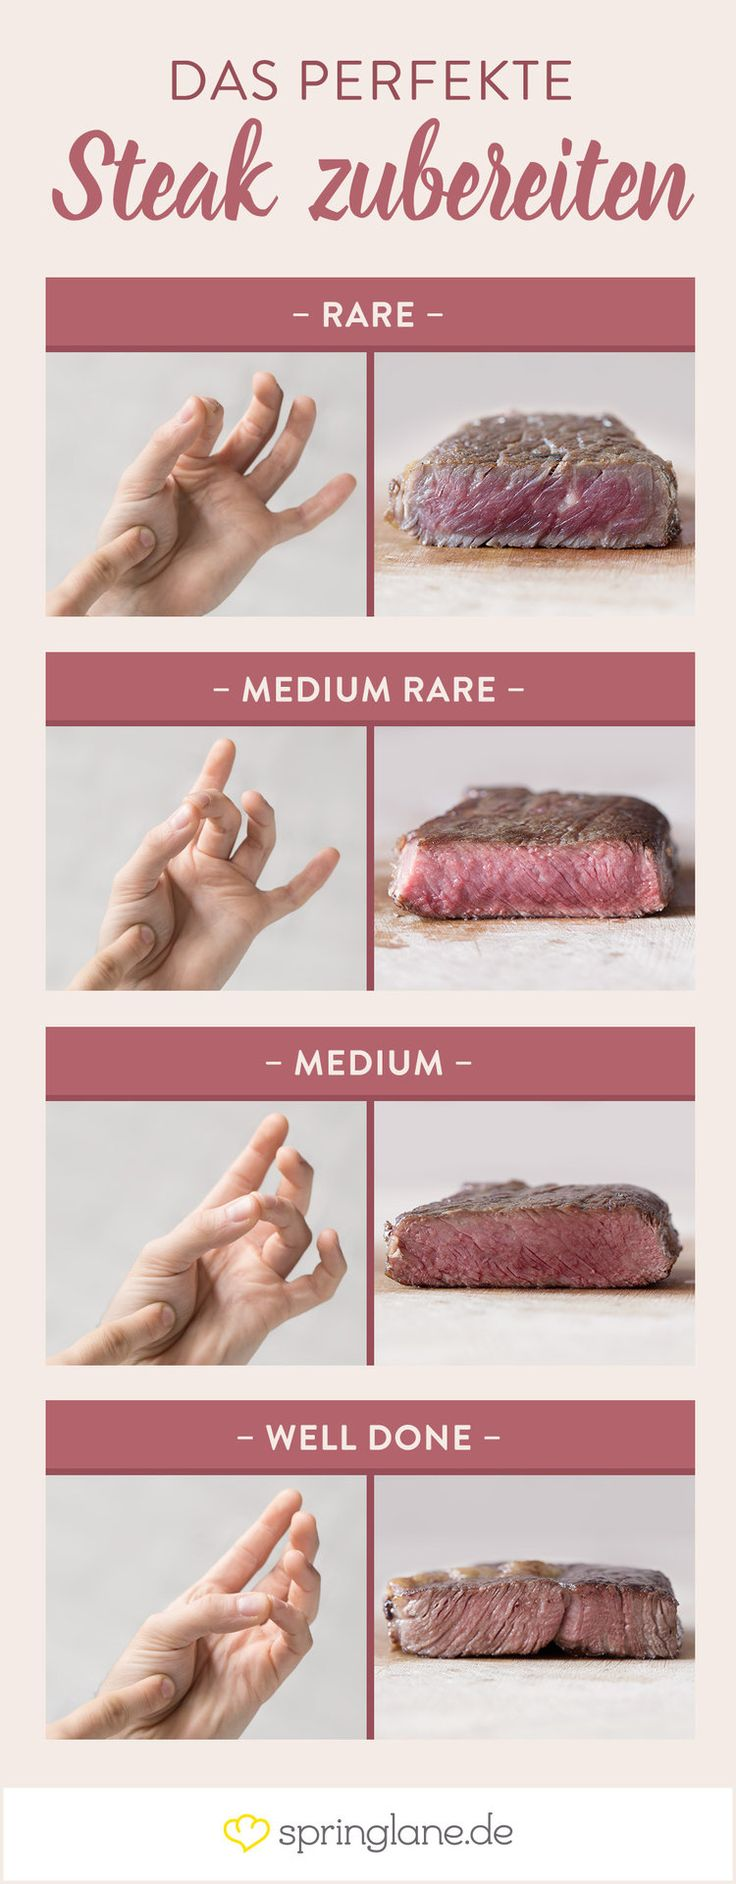 Du hast es in der Hand - unser Kollege Freddi verrät dir, wie du, ein richtig gutes Steak zubereitest